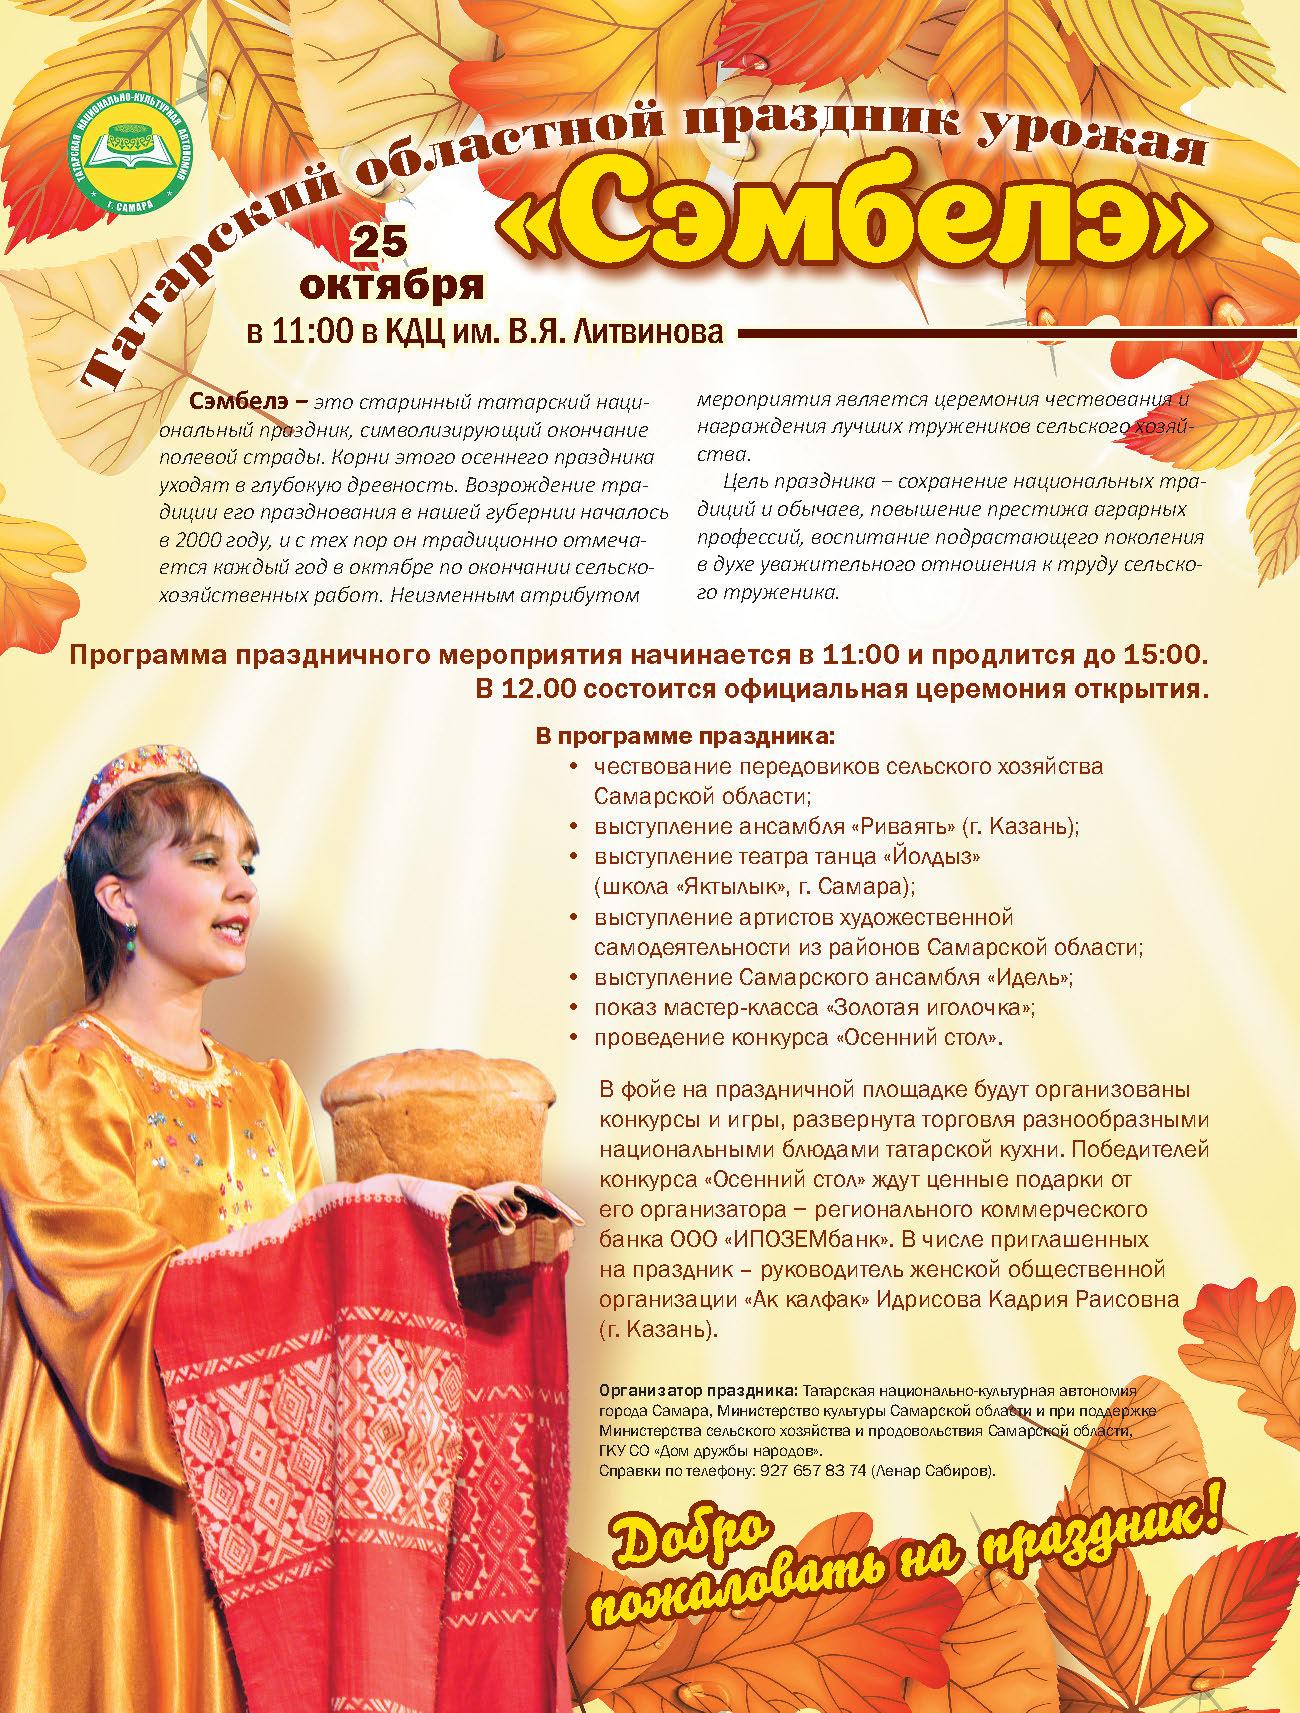 Тексты поздравления на татарской языке